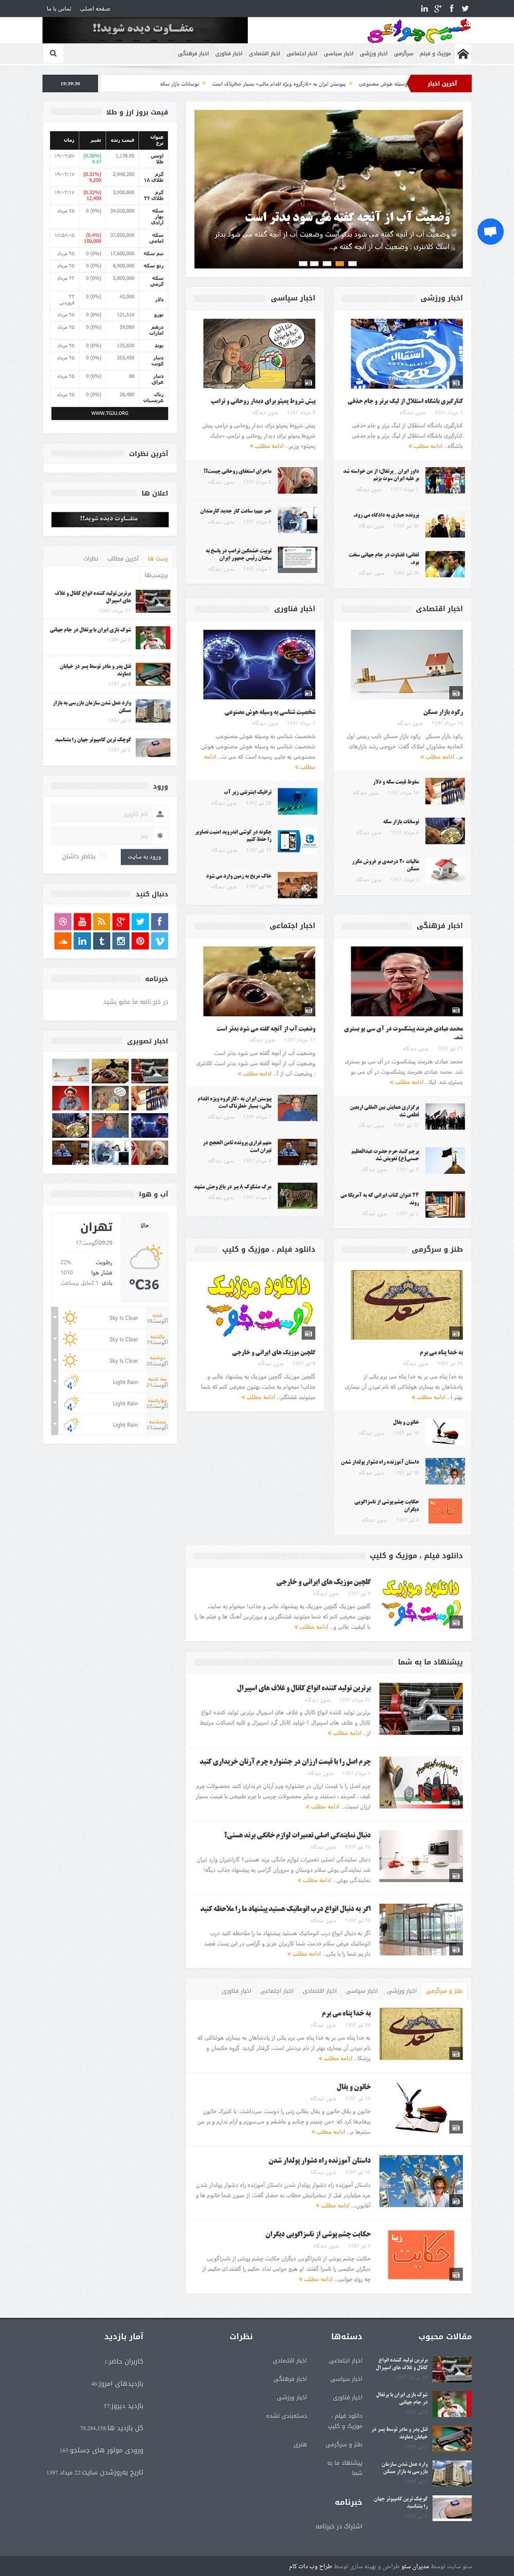 طراحی سایت خبری نسیم جوانی